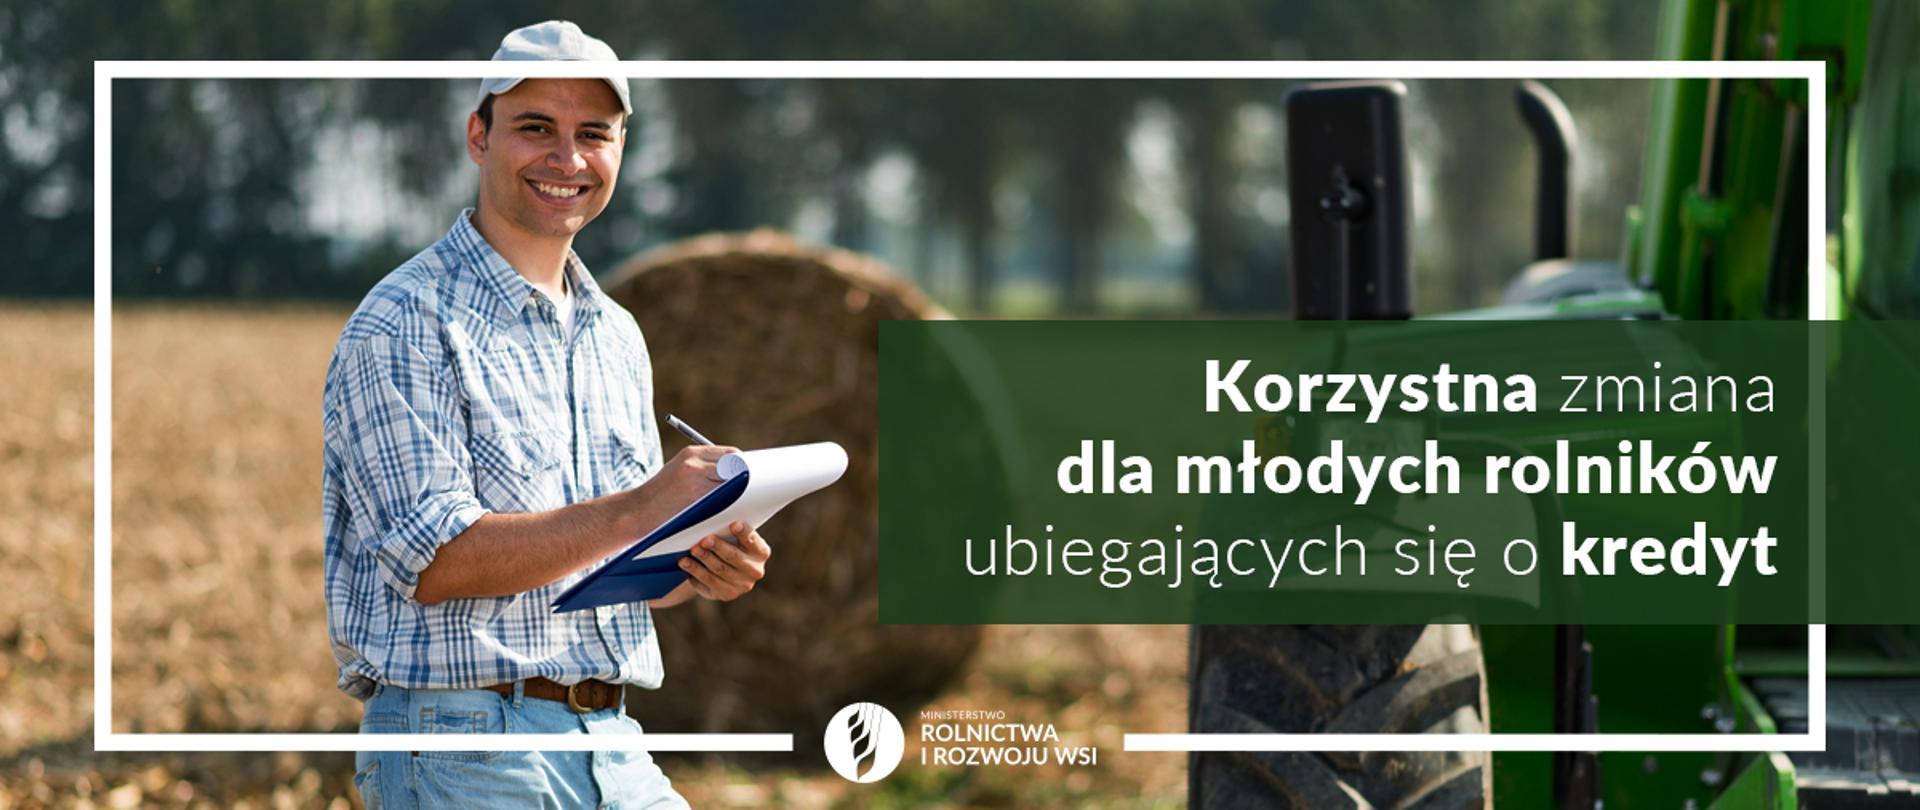 Korzystna zmiana dla młodych rolników ubiegających się o kredyt